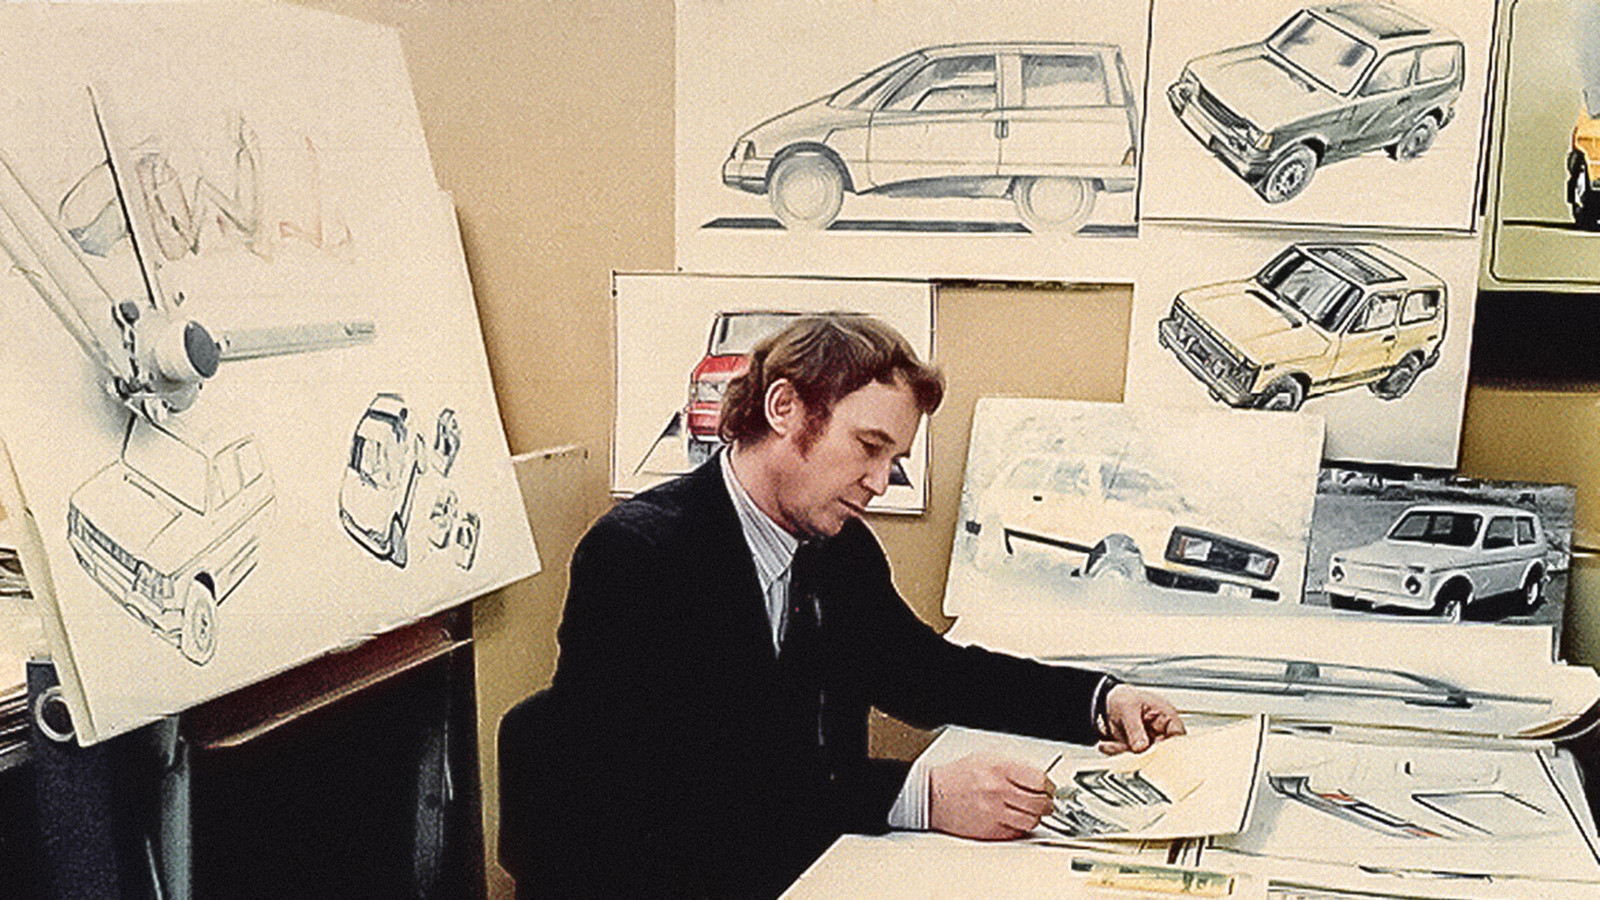 Внедорожник lada 4x4 наделят «выдающимися возможностями»— Новинка АвтоВАЗа